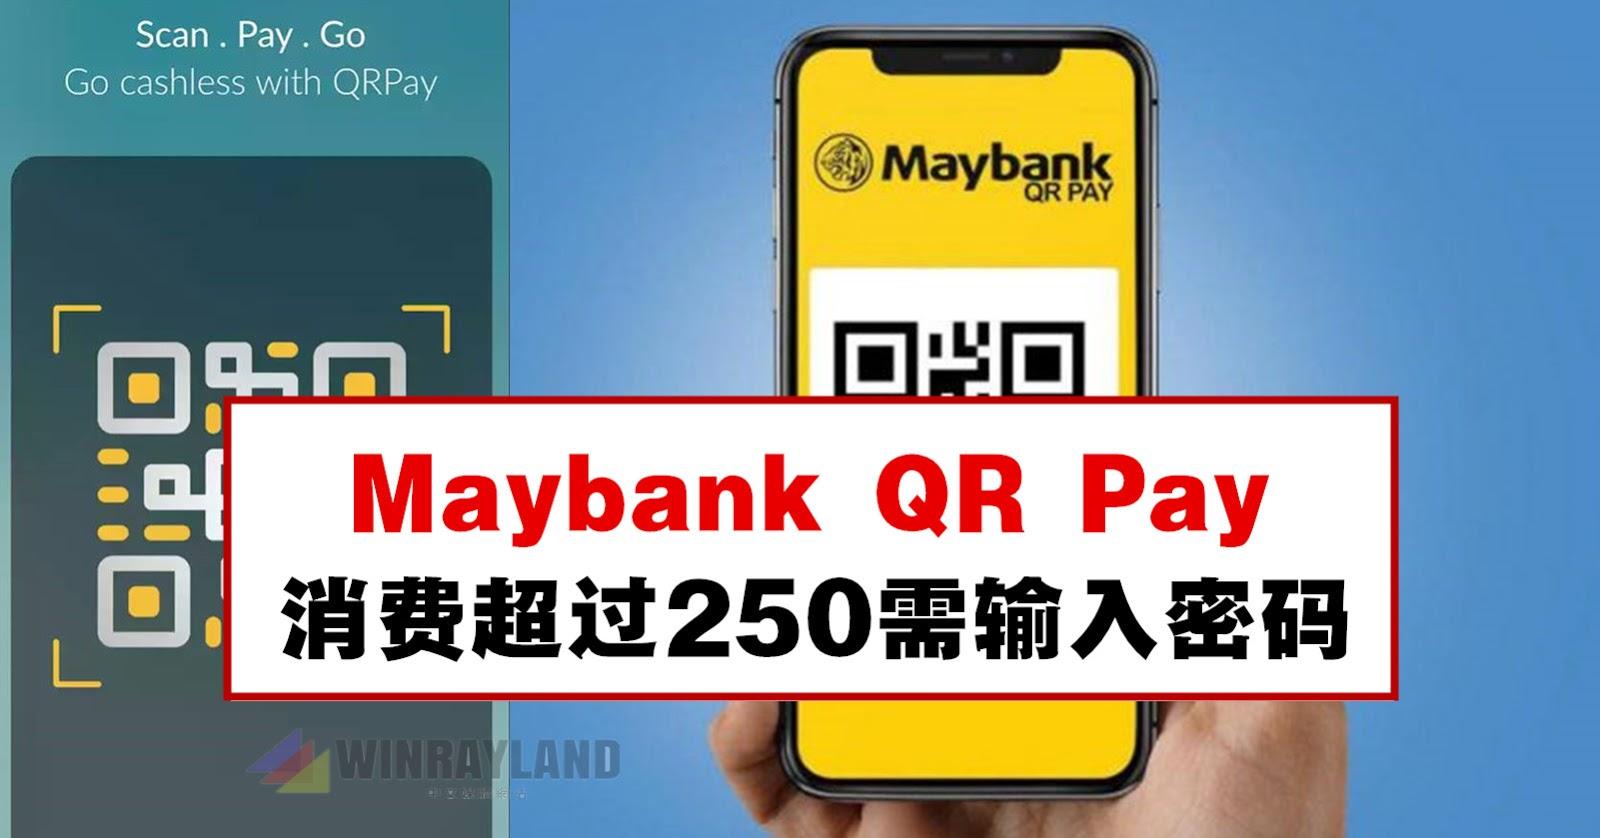 Maybank QR Pay 将可扫描二维码完成支付